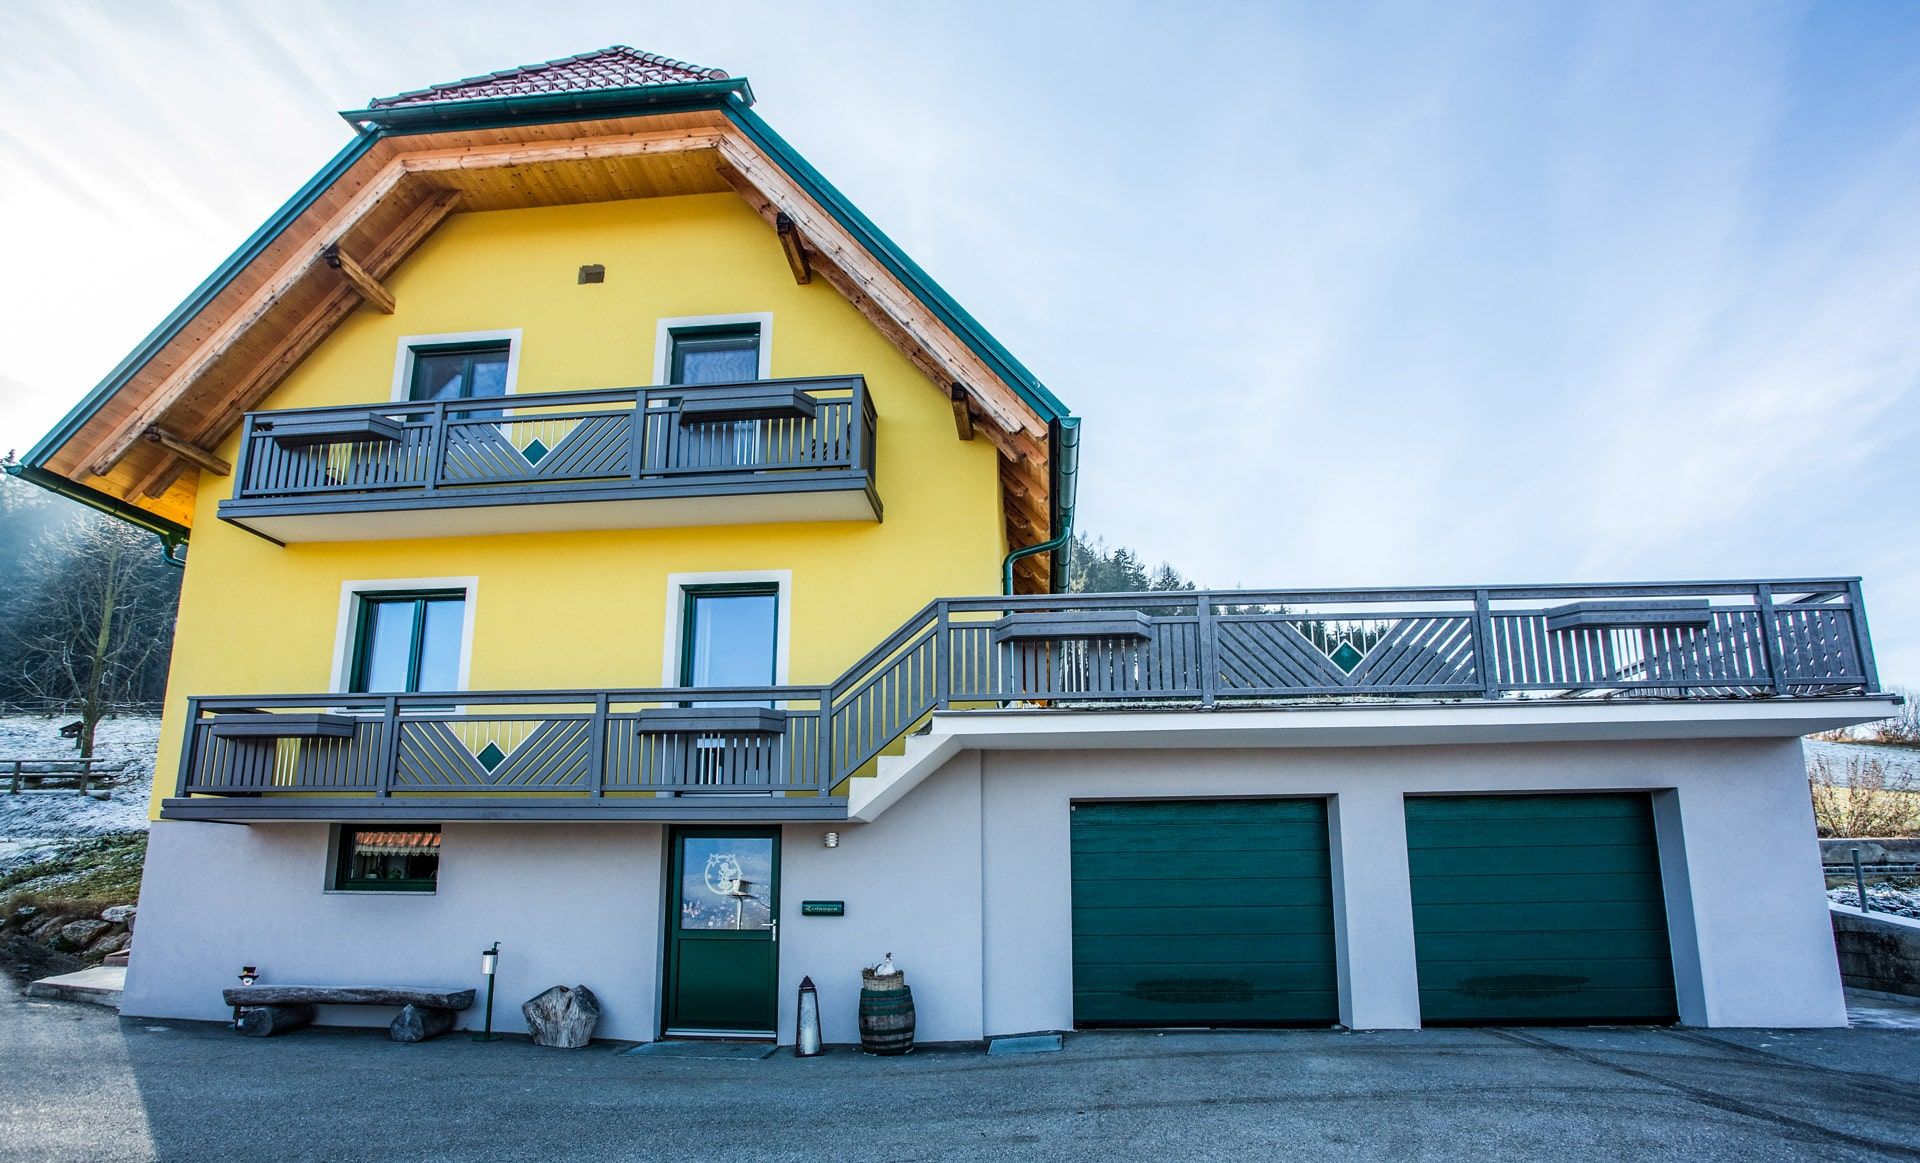 Saalfelden 11 e   Alugeländer bei Terrasse und Balkon mit Edelstahl-Dekor & Blumenkisten   Svoboda